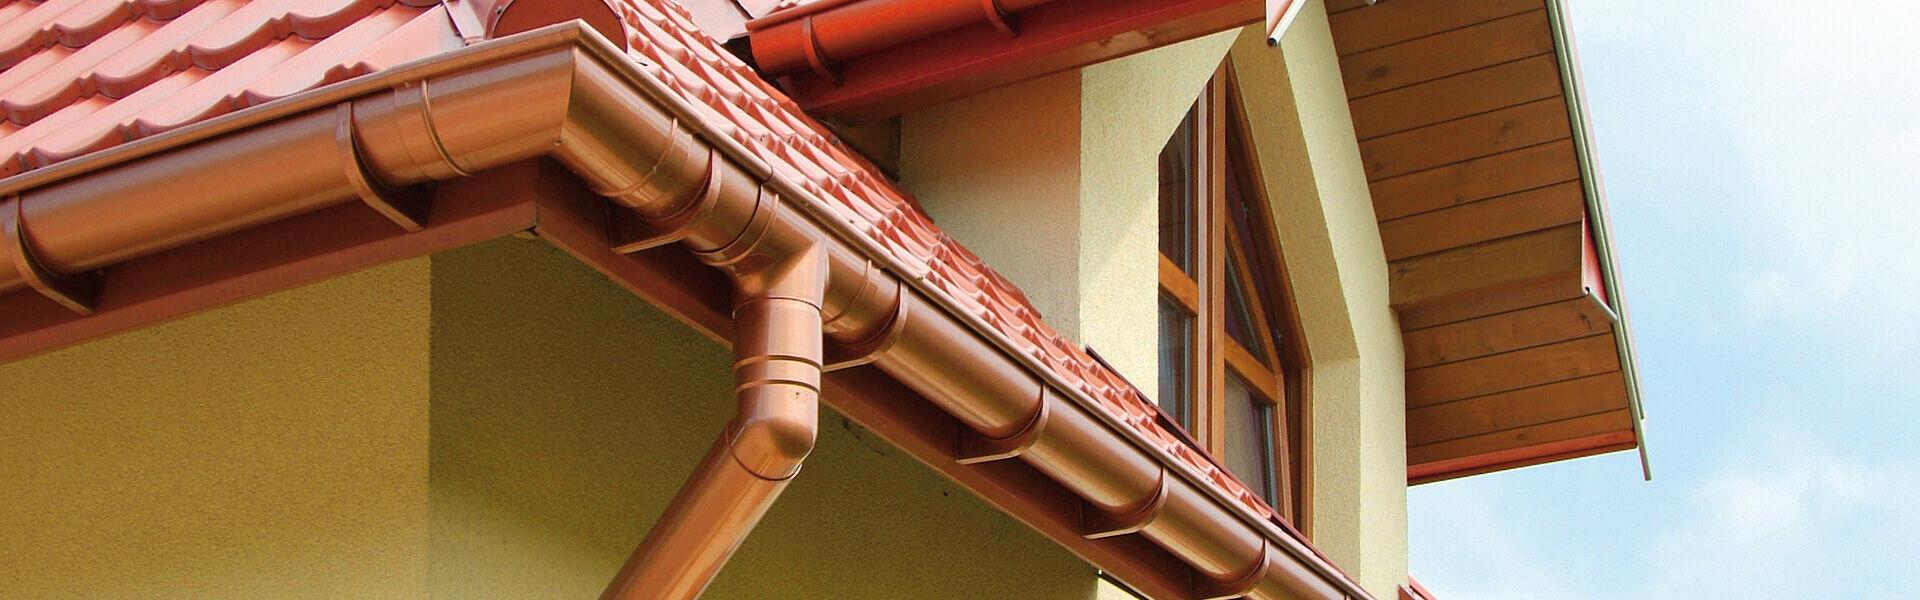 halbrunde regenrinne / kupfer - prime 125 - devorex plc